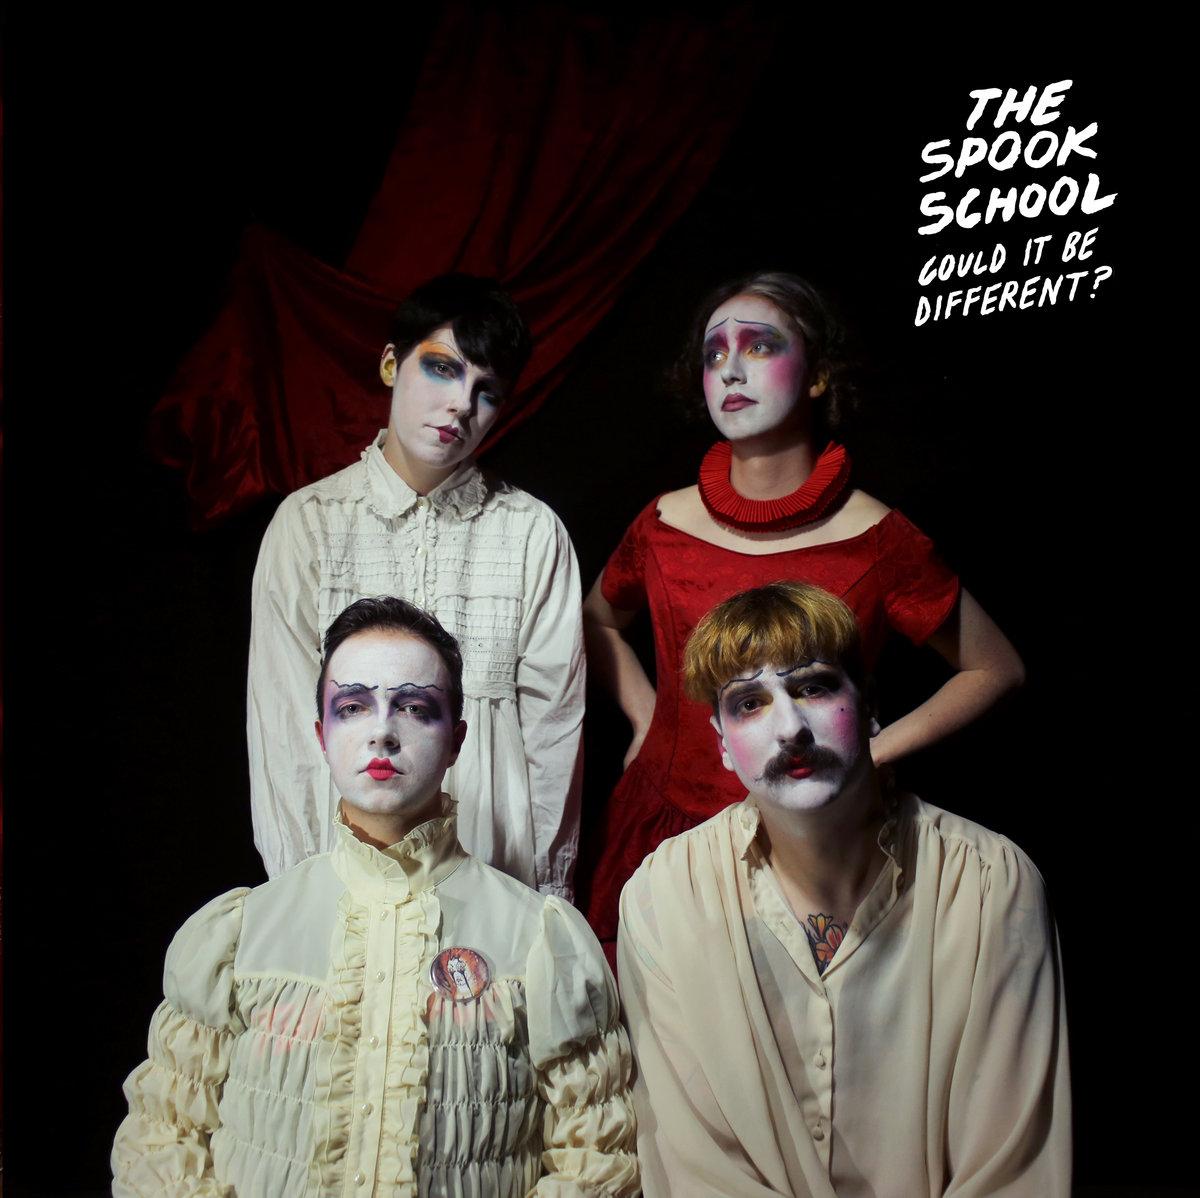 The Spooky School